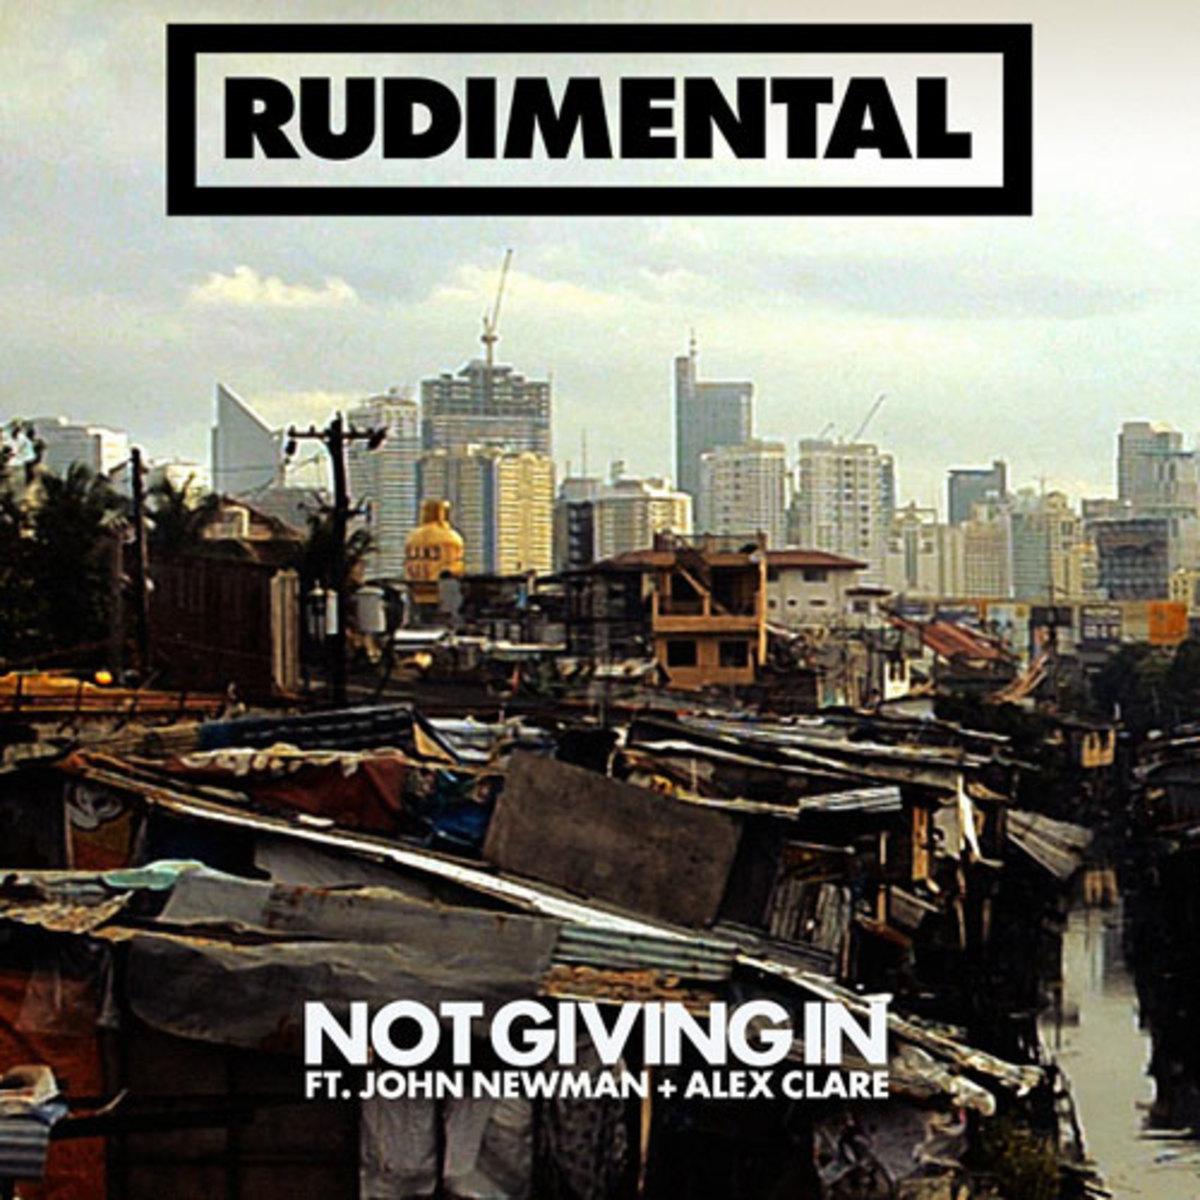 rudimental-notgivingin.jpg